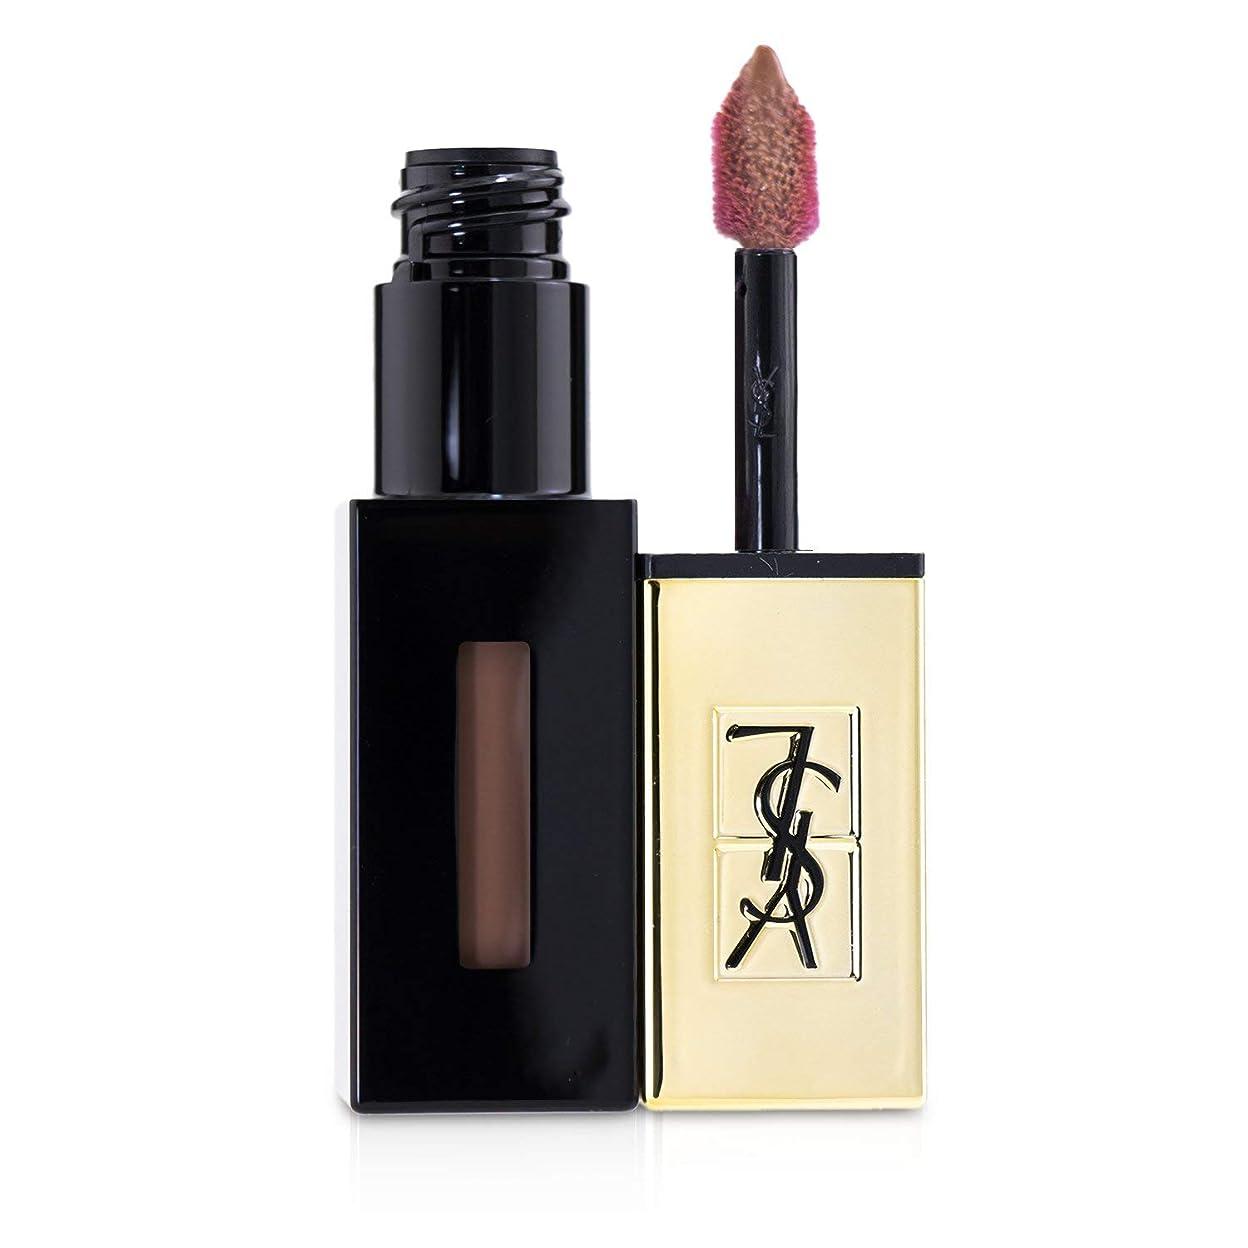 側溝アンタゴニスト不毛イヴ?サンローラン Rouge Pur Couture Vernis a Levres Glossy Stain - # 55 Beige Estampe 6ml/0.2oz並行輸入品